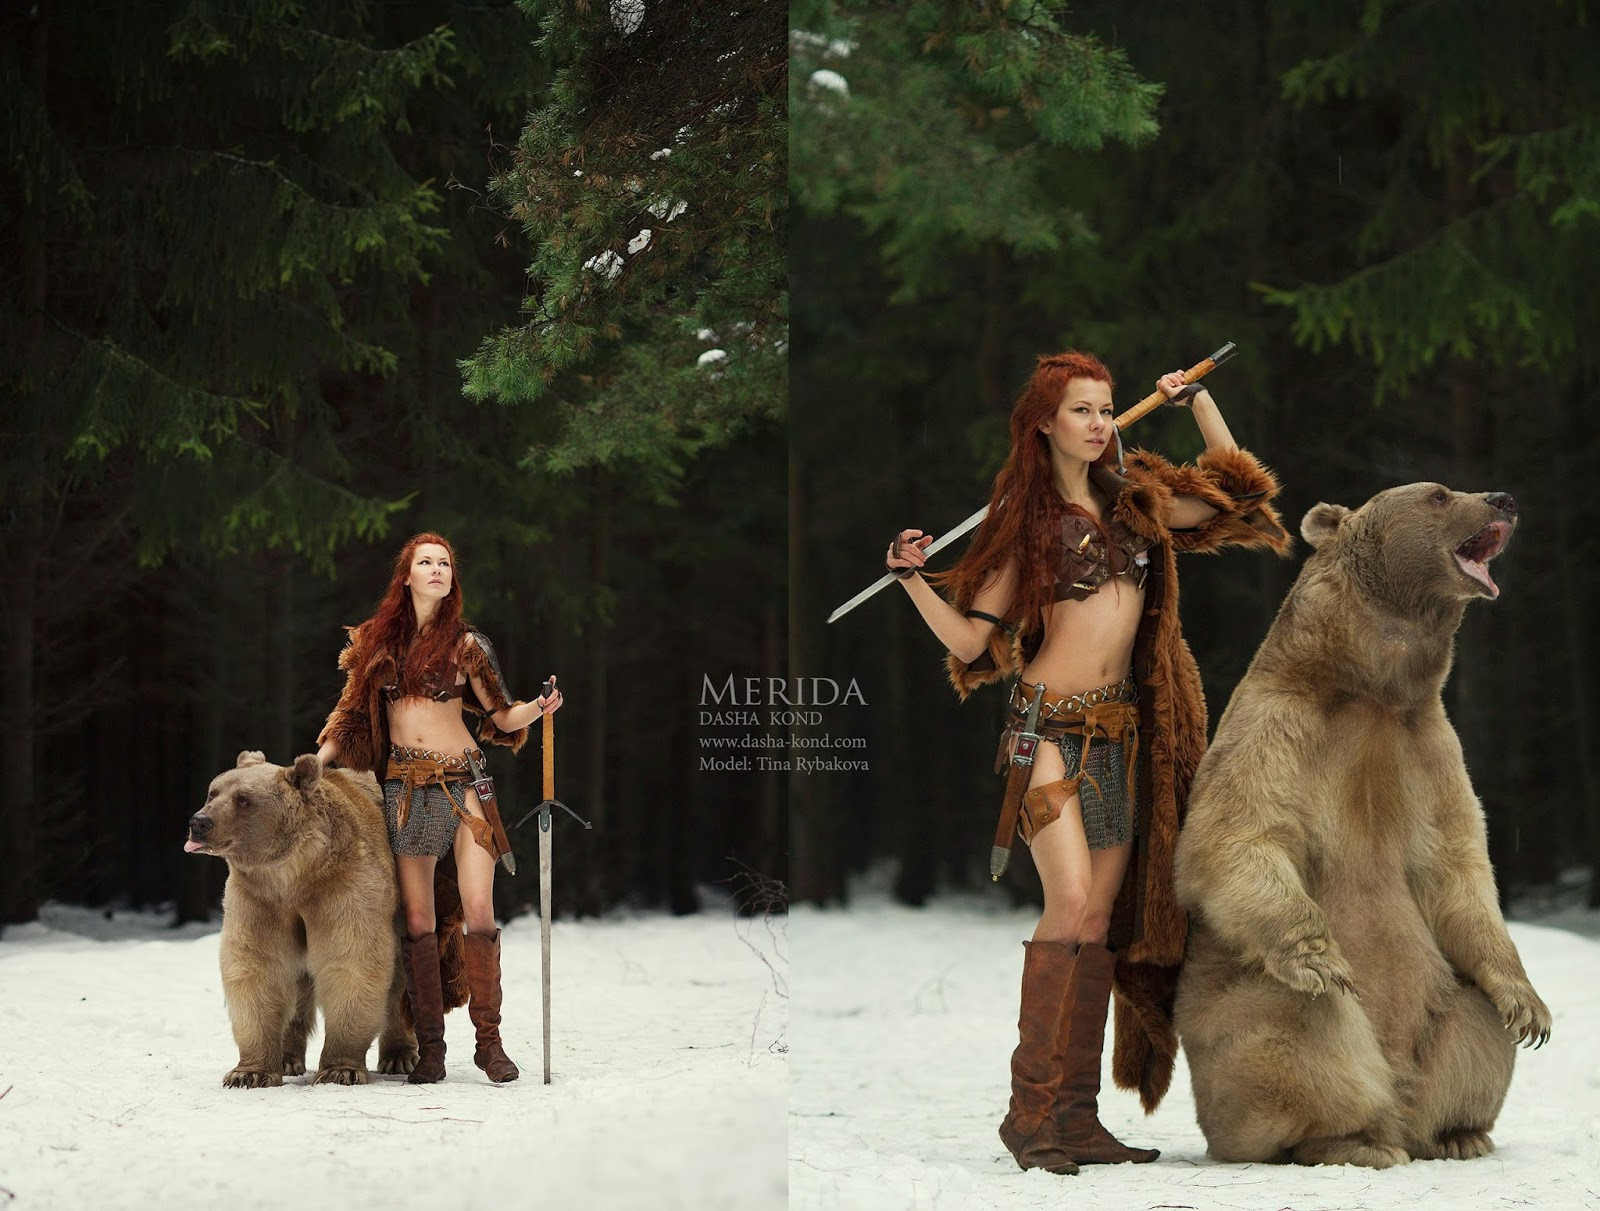 dyptique de femme en costume de merida avec un ours par Dasha Kond